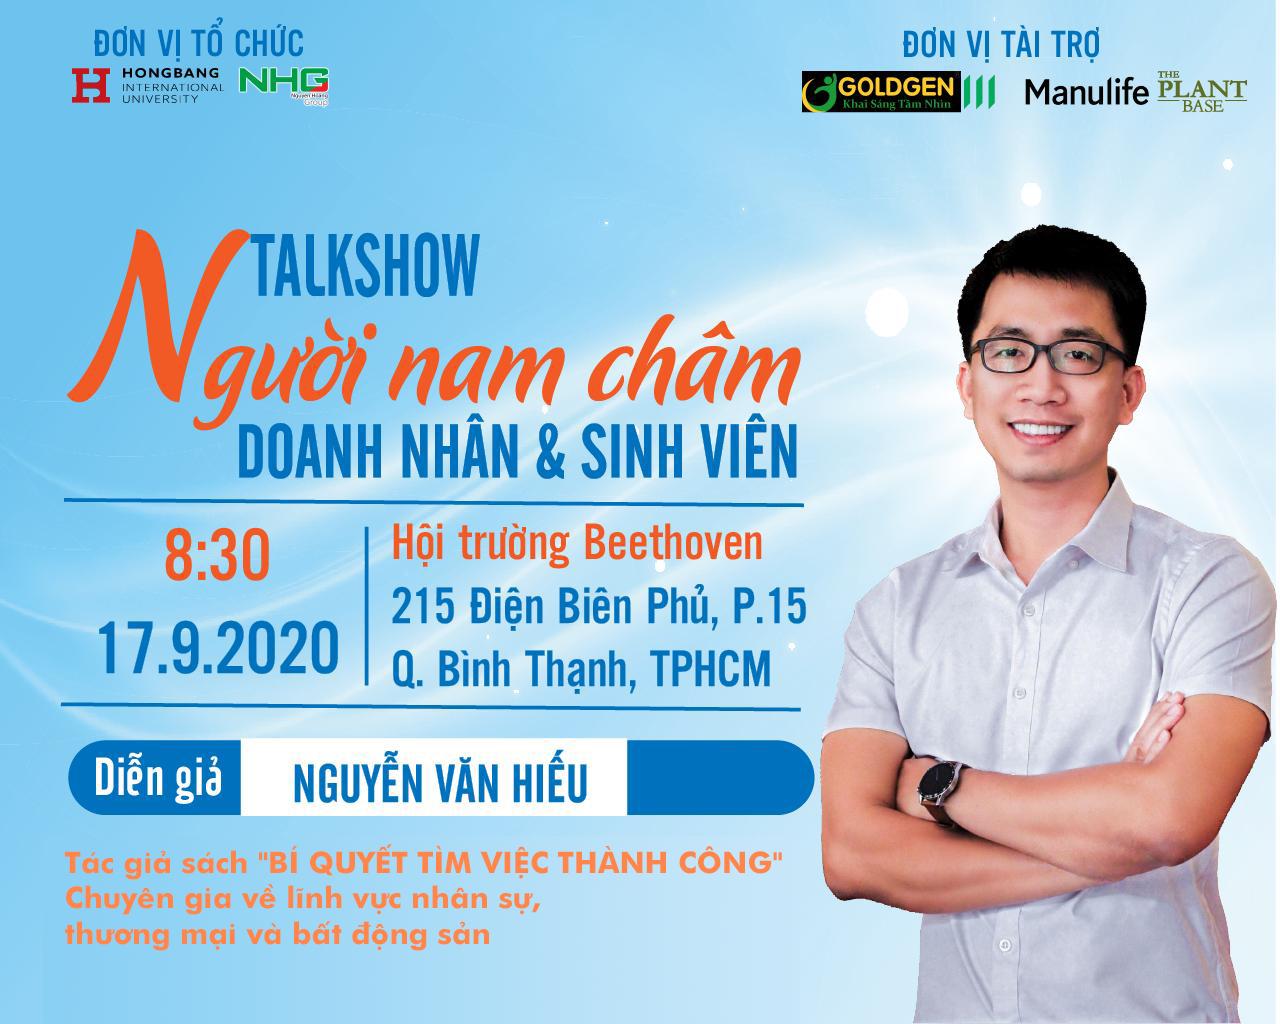 """Người Nam Châm – Sinh viên HIU giao lưu cùng diễn giả sách """"Bí quyết tìm việc thành công"""""""